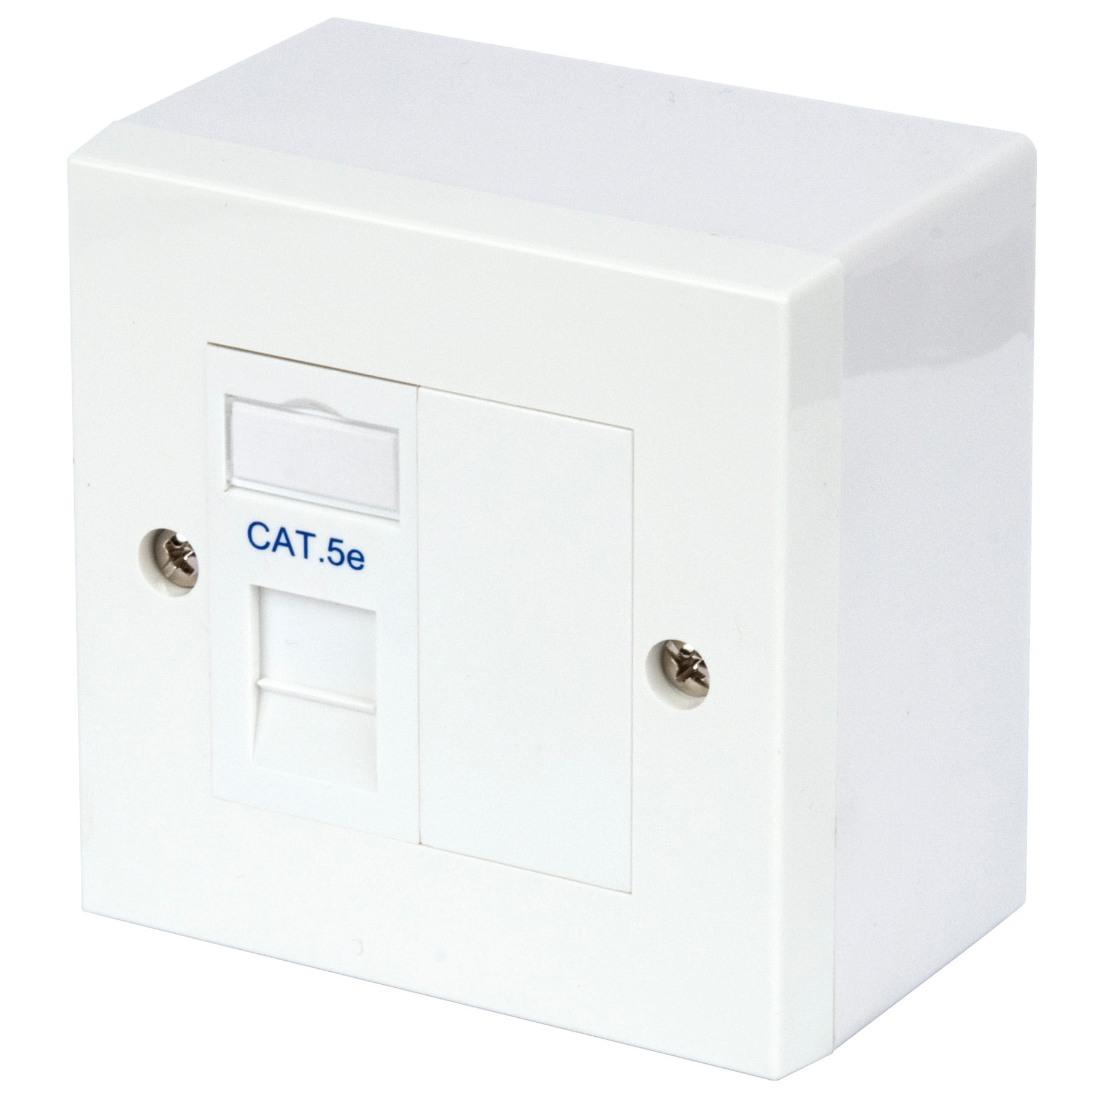 philex single rj45 cat5e outlet kit philex electronics ltd rh philex com